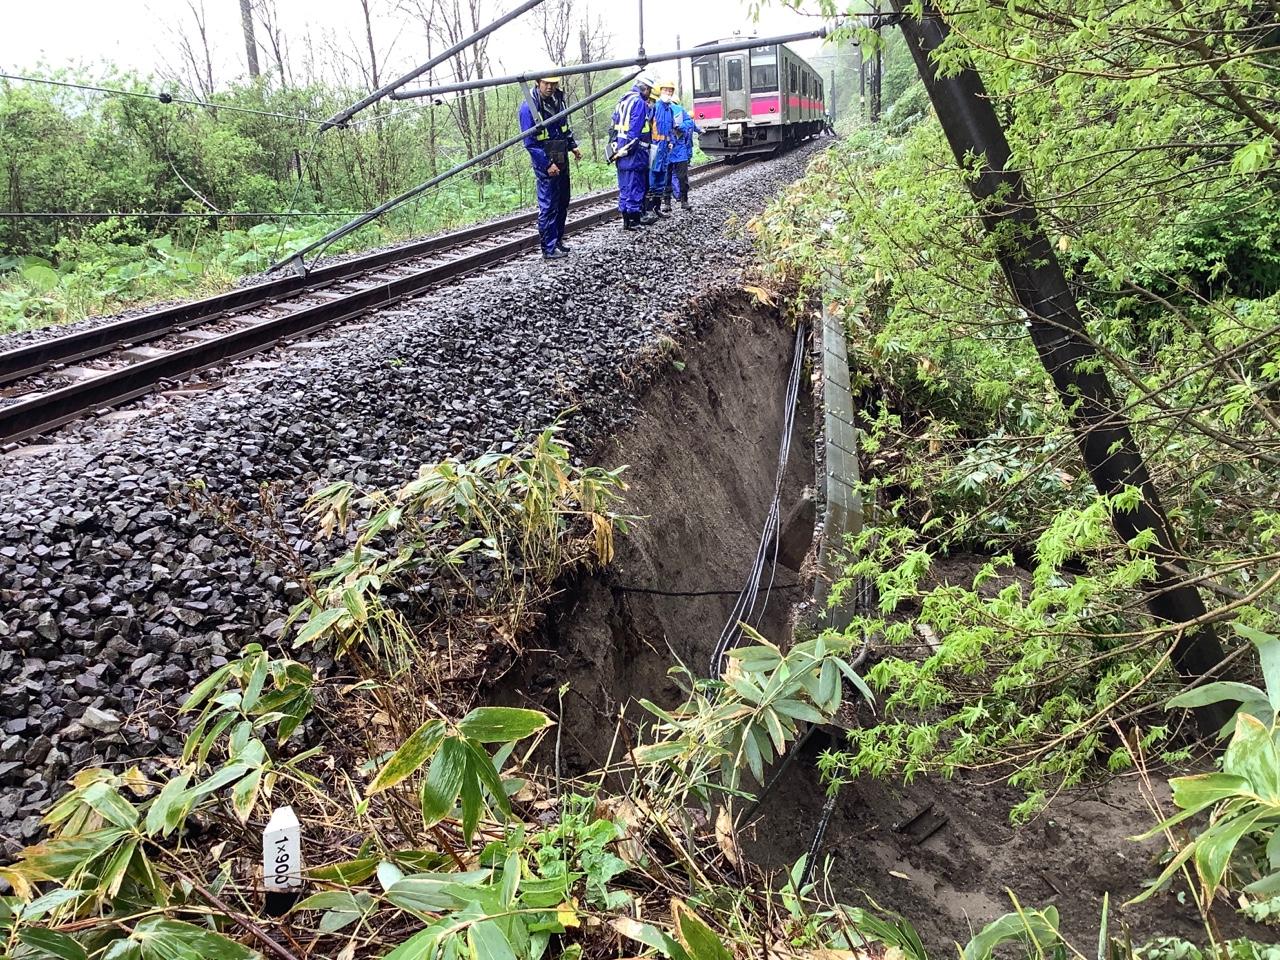 【復旧には相当かかる見通し】奥羽本線で停電 土砂流出で電化柱が傾斜 215系疎開回送にも影響か